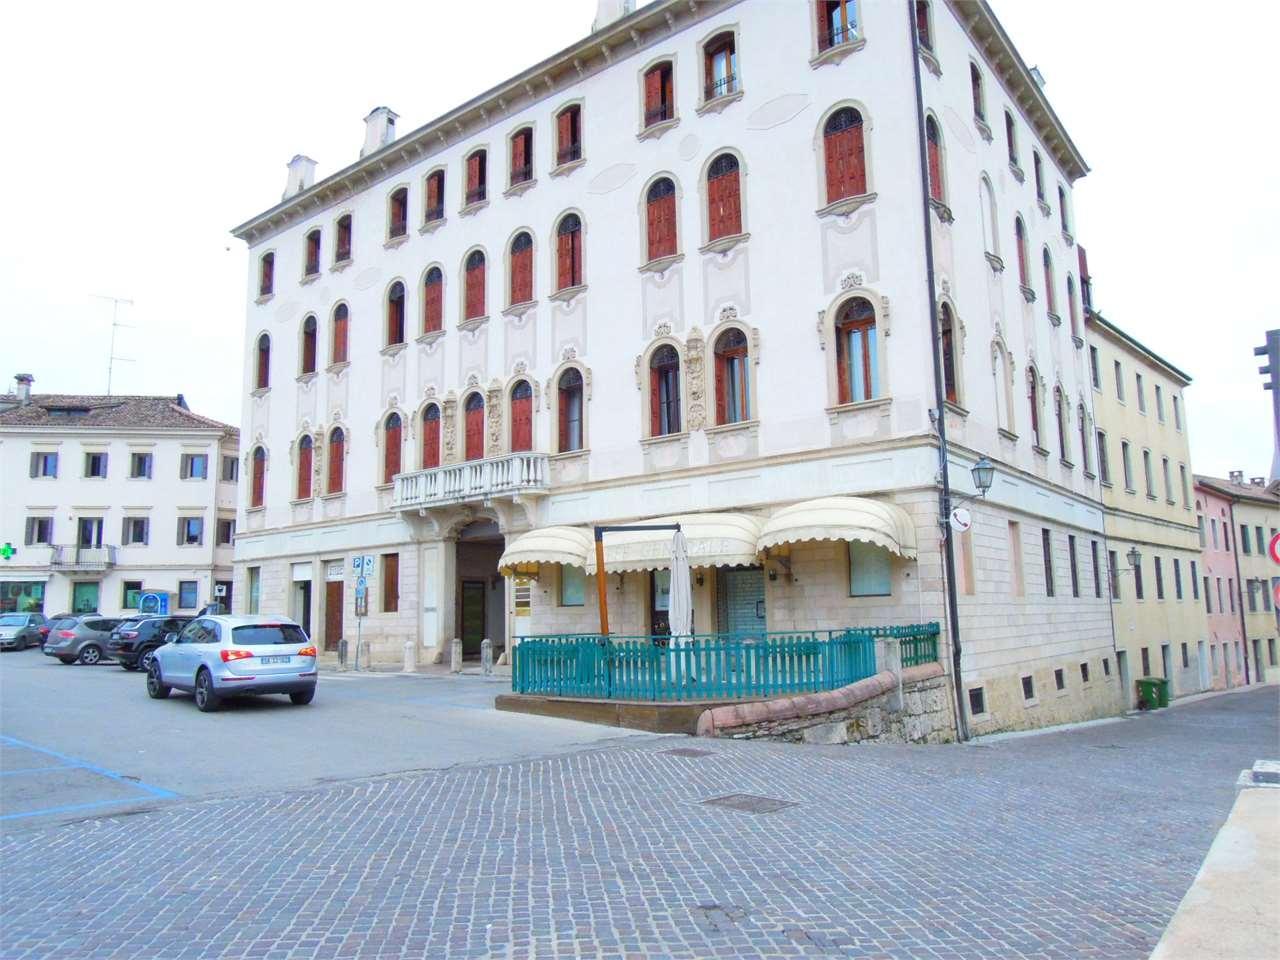 Negozio / Locale in vendita a Pieve di Soligo, 9999 locali, Trattative riservate | CambioCasa.it